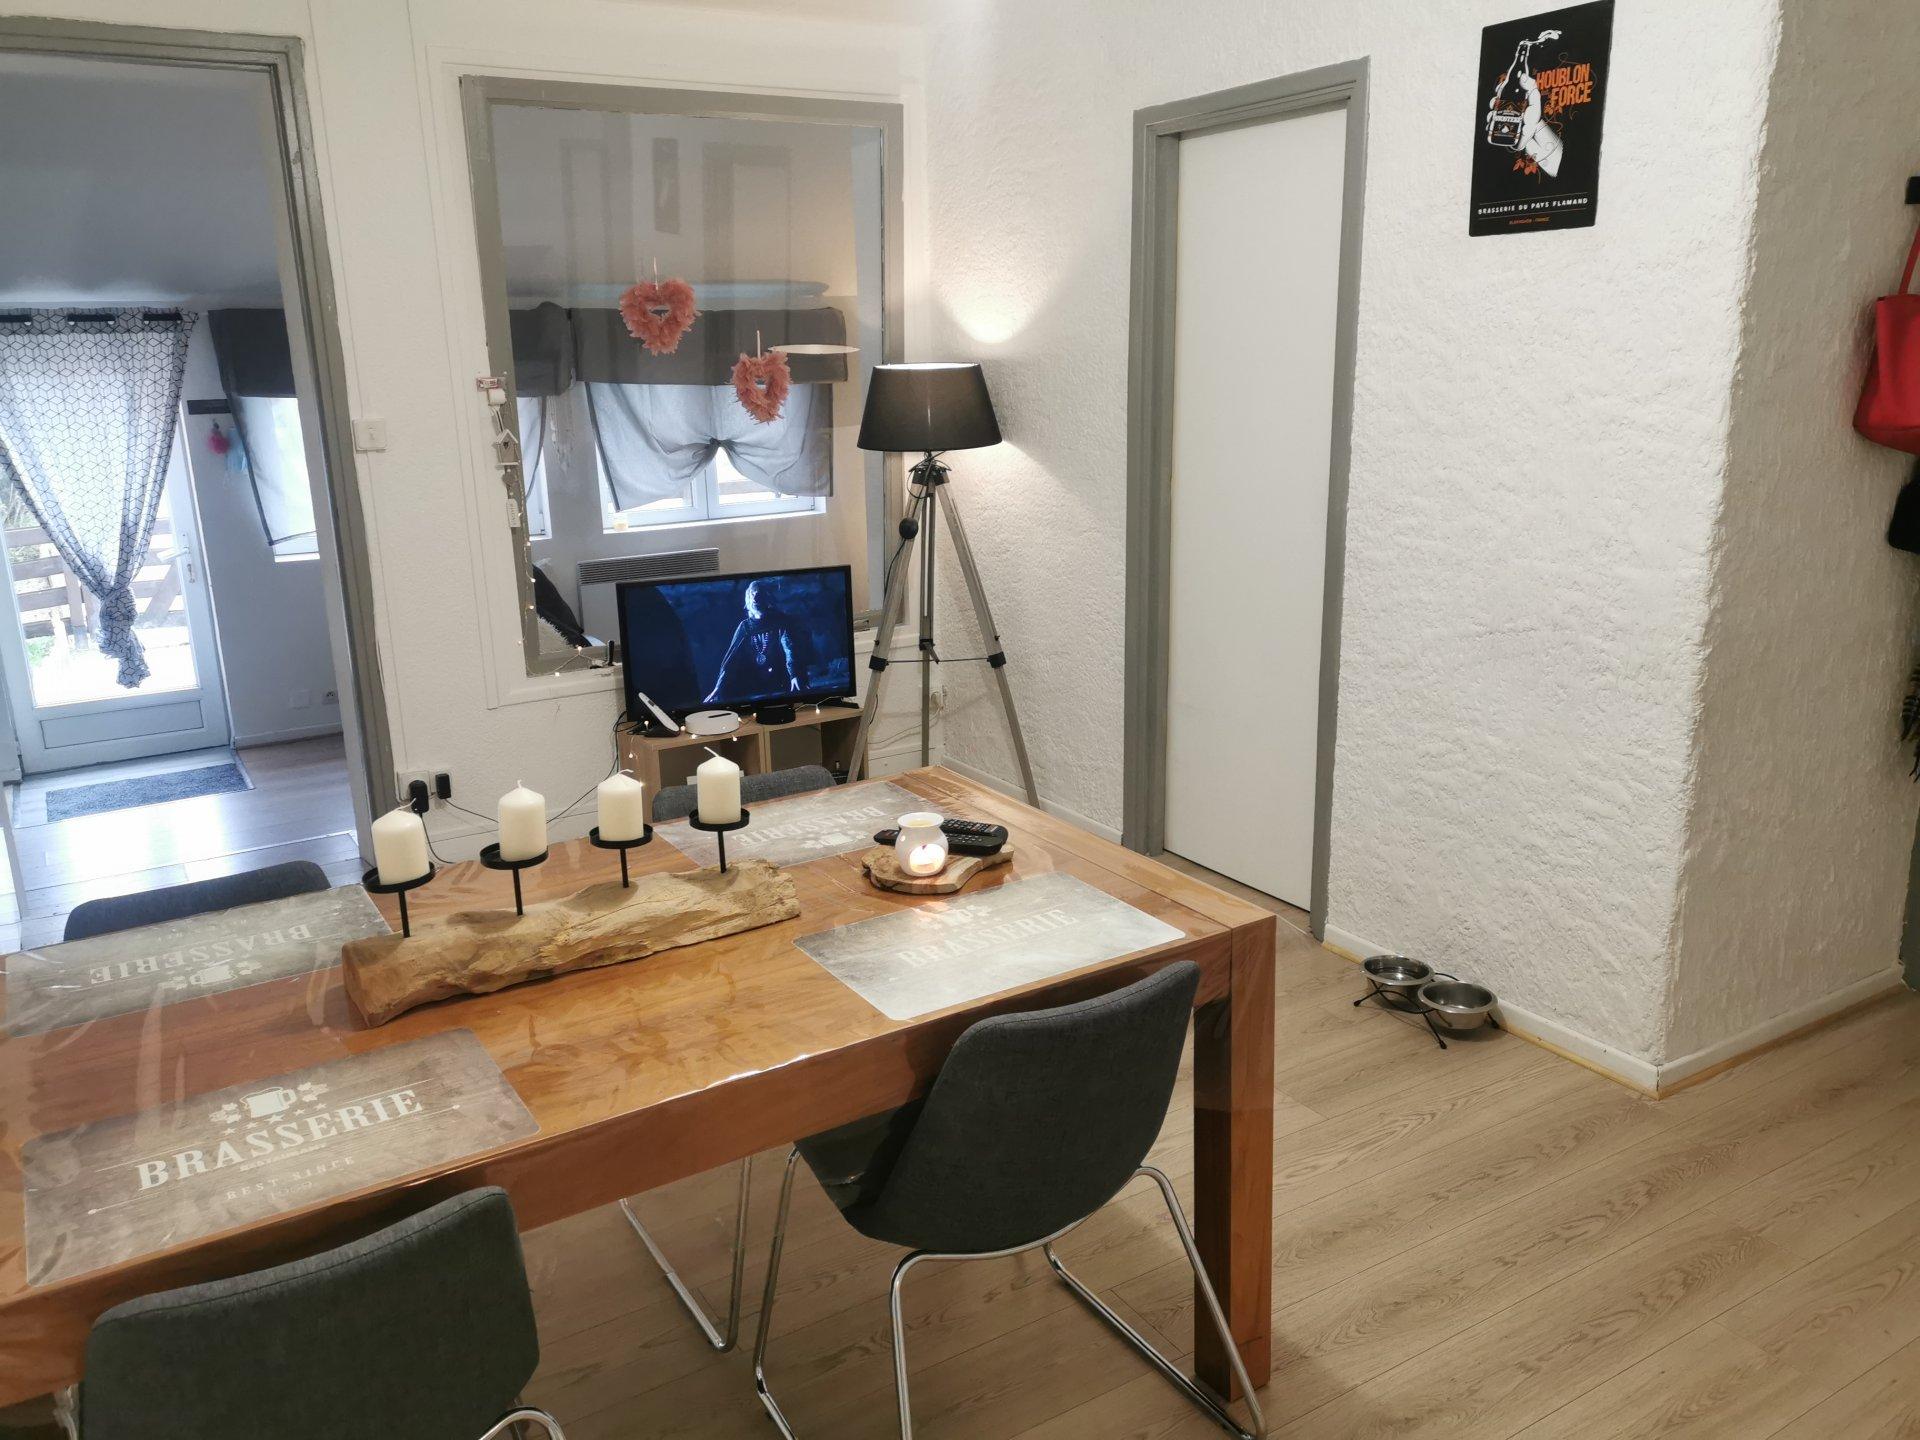 Ensemble immobilier composé de 7 appartements